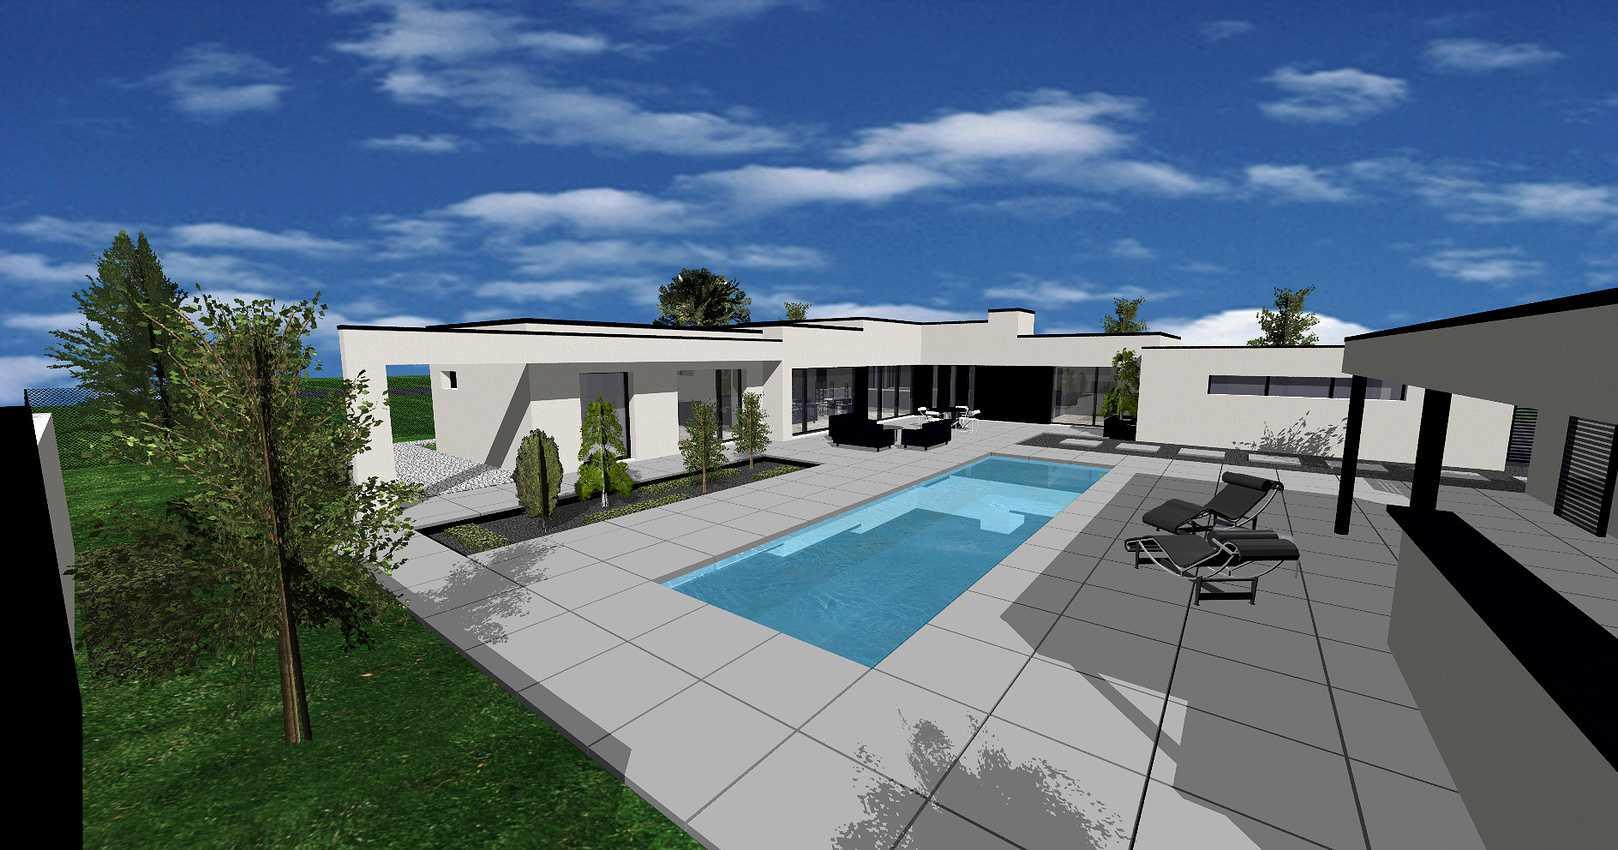 Projet construction maison avec piscine- Etables-sur-Mer 0